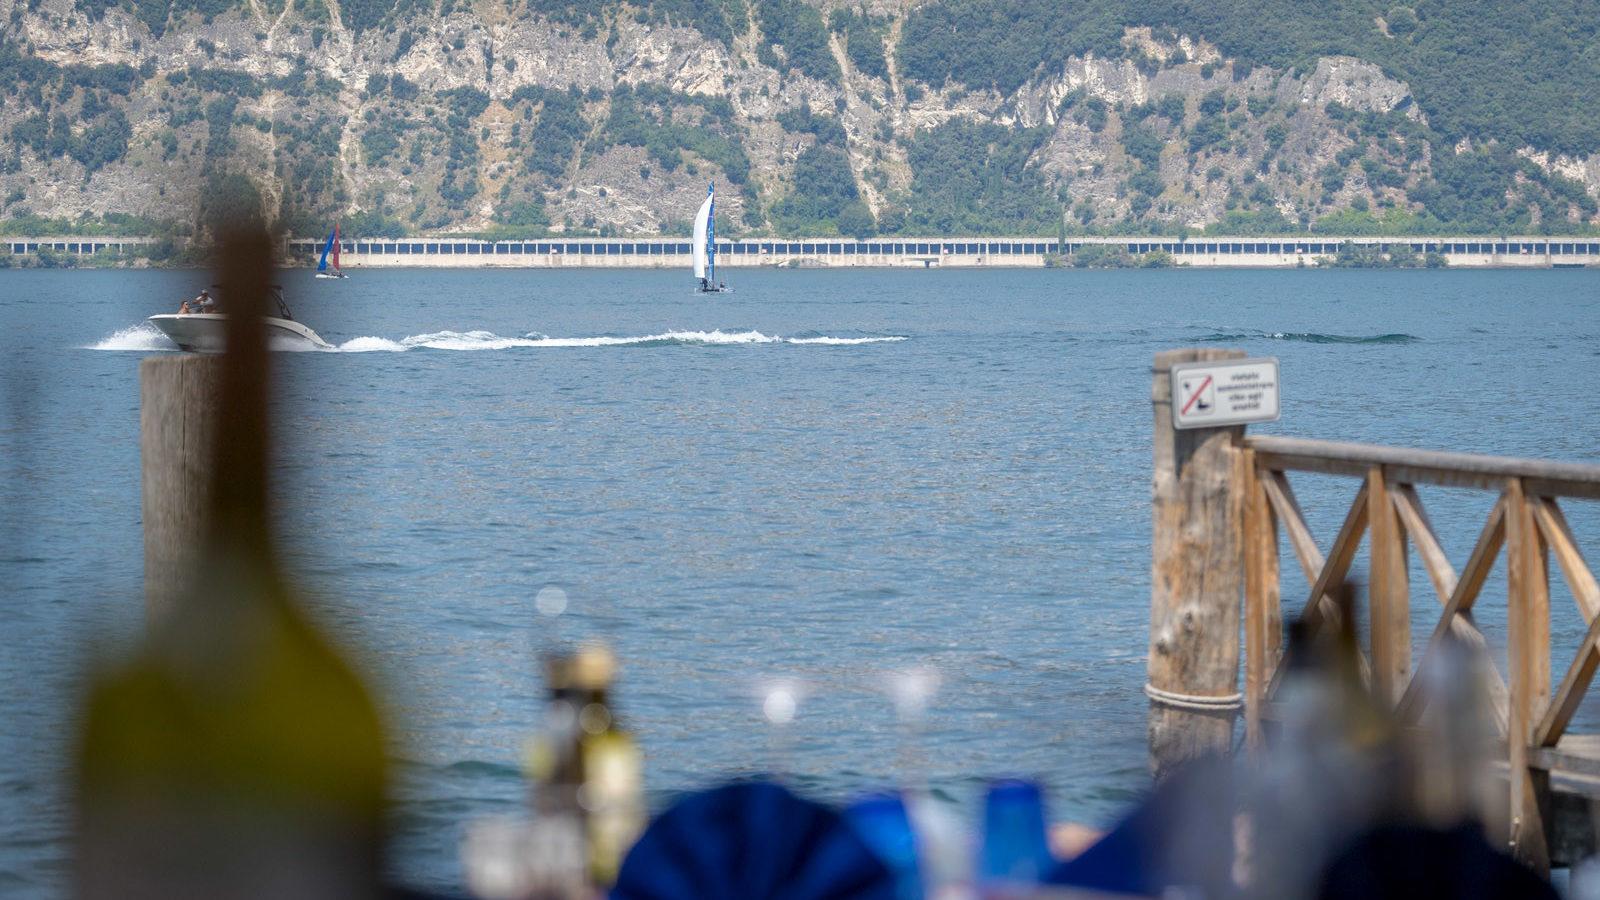 Bar Pizzeria Ristorante La Pace Malcesine al porto vecchio sul lago di Garda